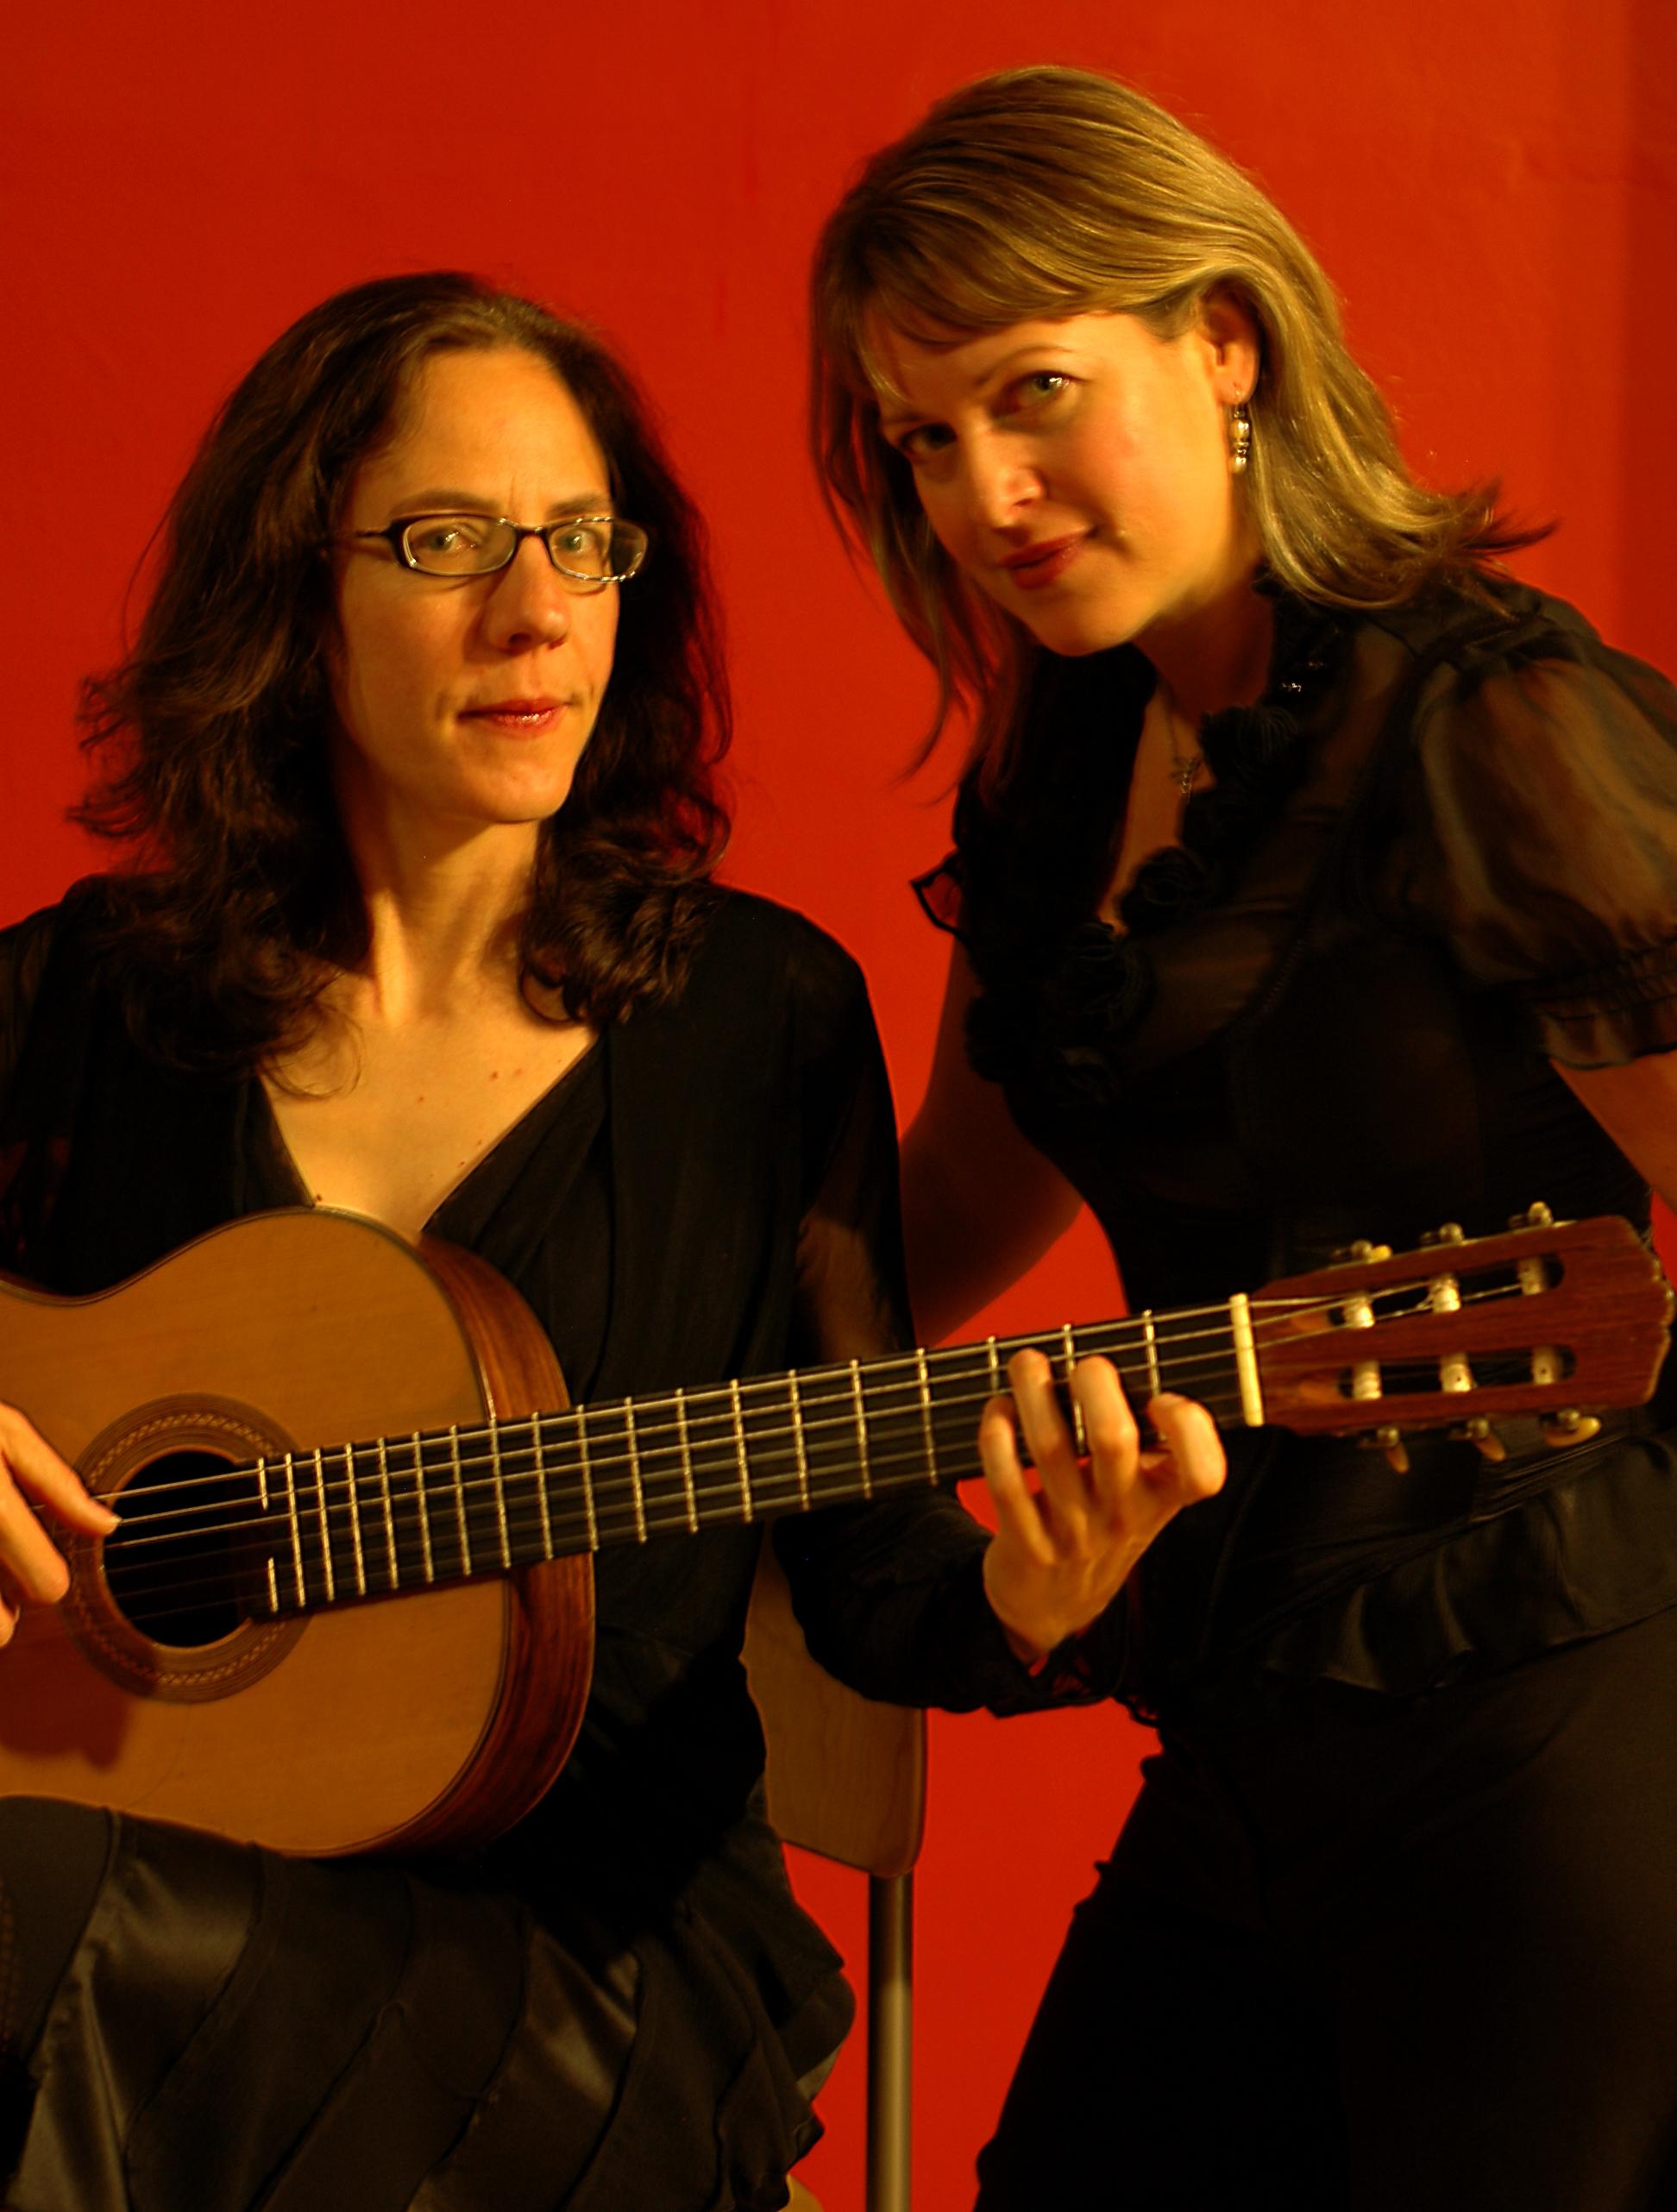 Jennifer Trowbridge and Buffy Baggott performing Spanish art songs by Joaquin Rodrigo and Manuel de Falla.